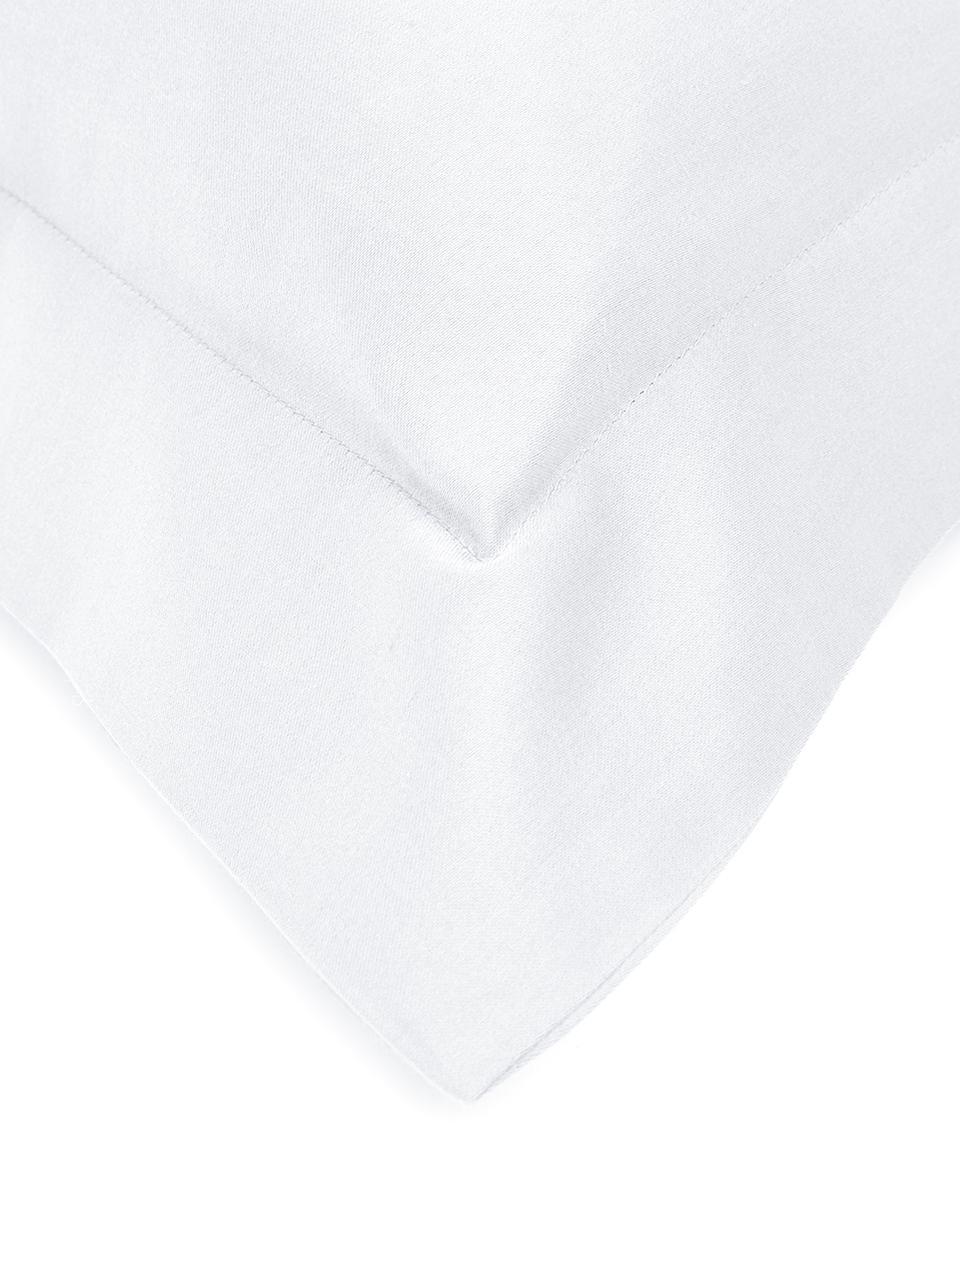 Pościel z satyny bawełnianej z lamówką Premium, Biały, 135 x 200 cm + 1 poduszka 80 x 80 cm